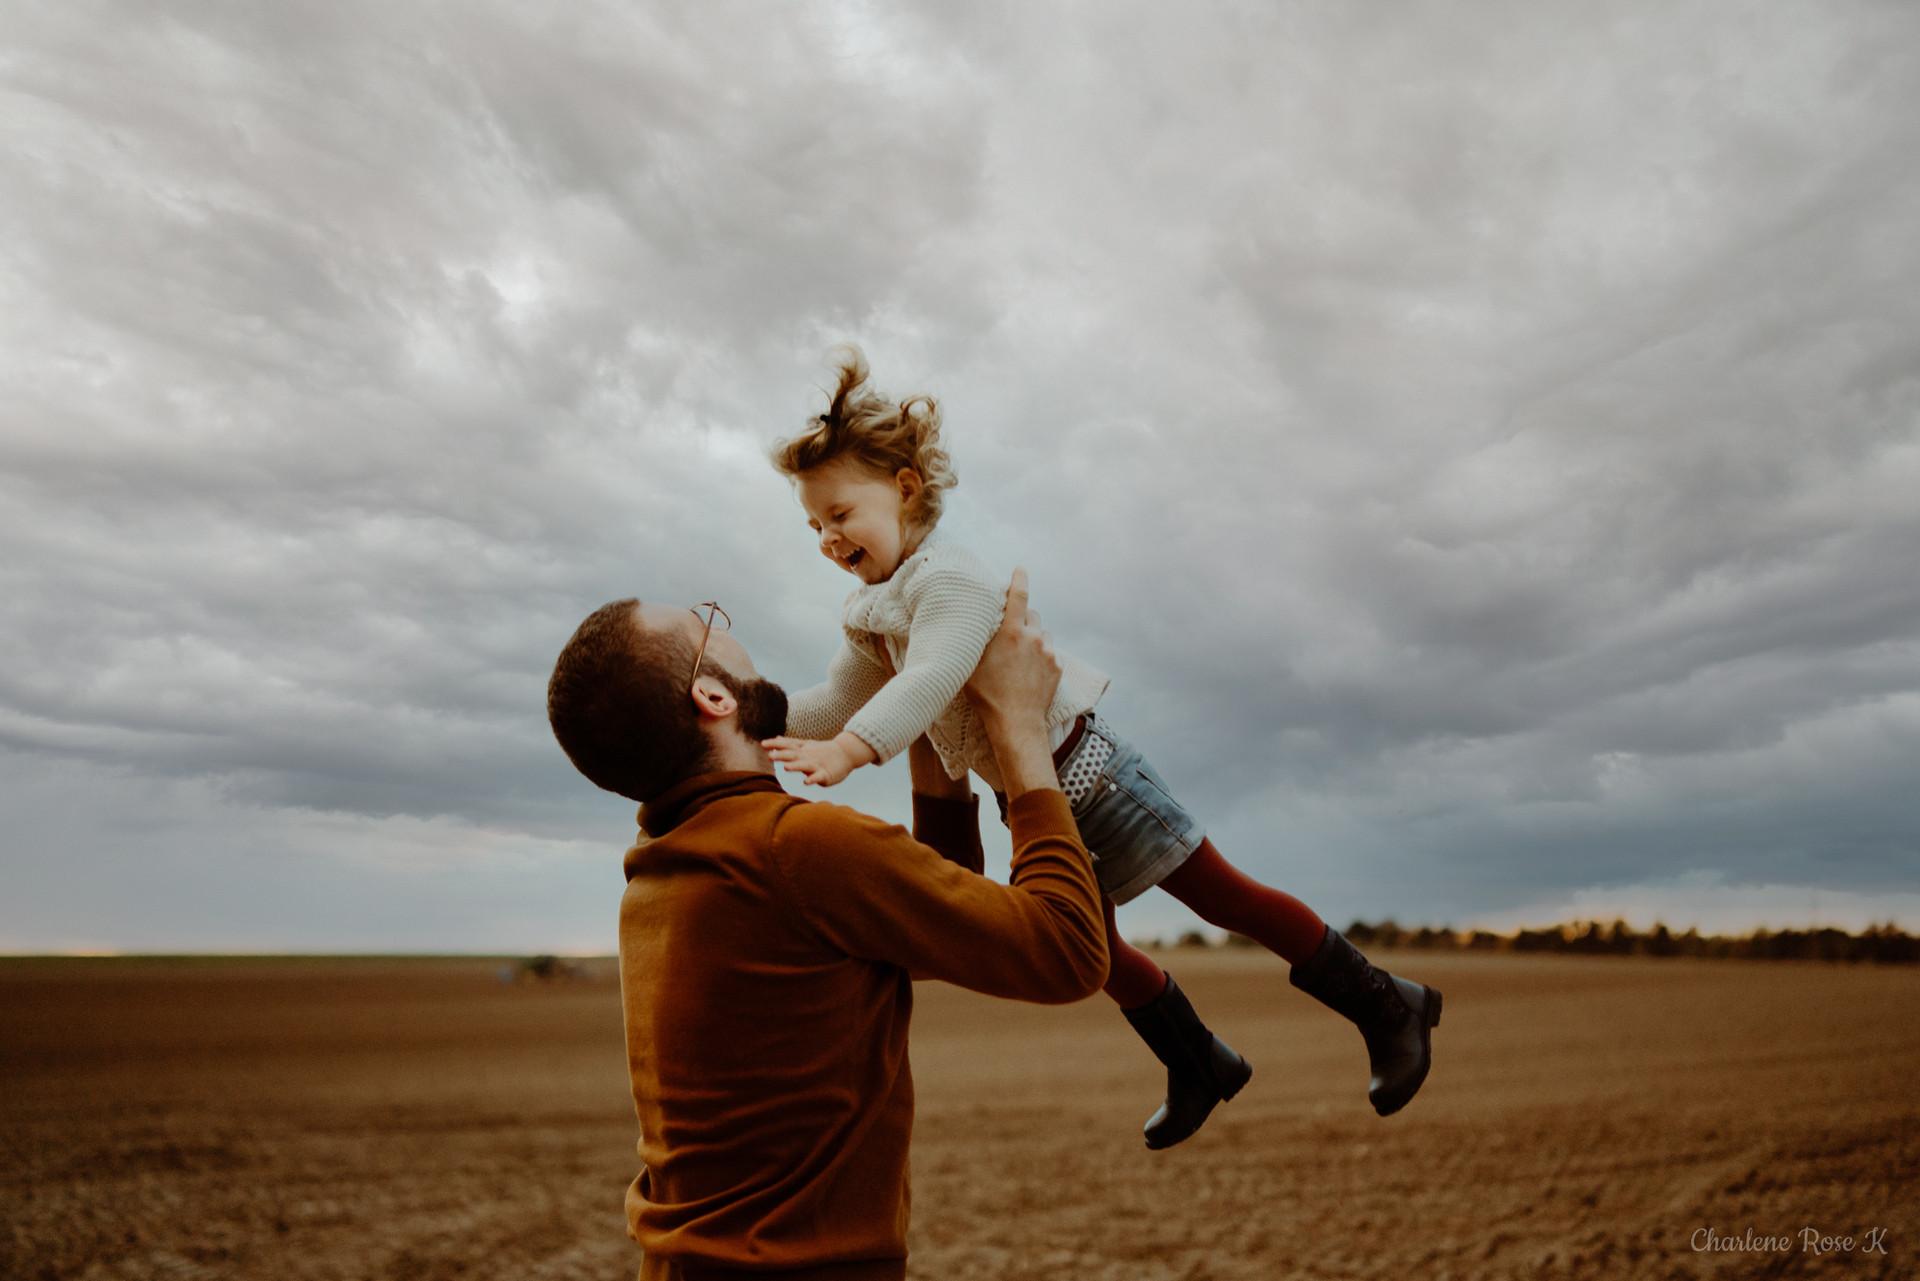 photographe-troyes-famille-enfants-exterieur-crk-10